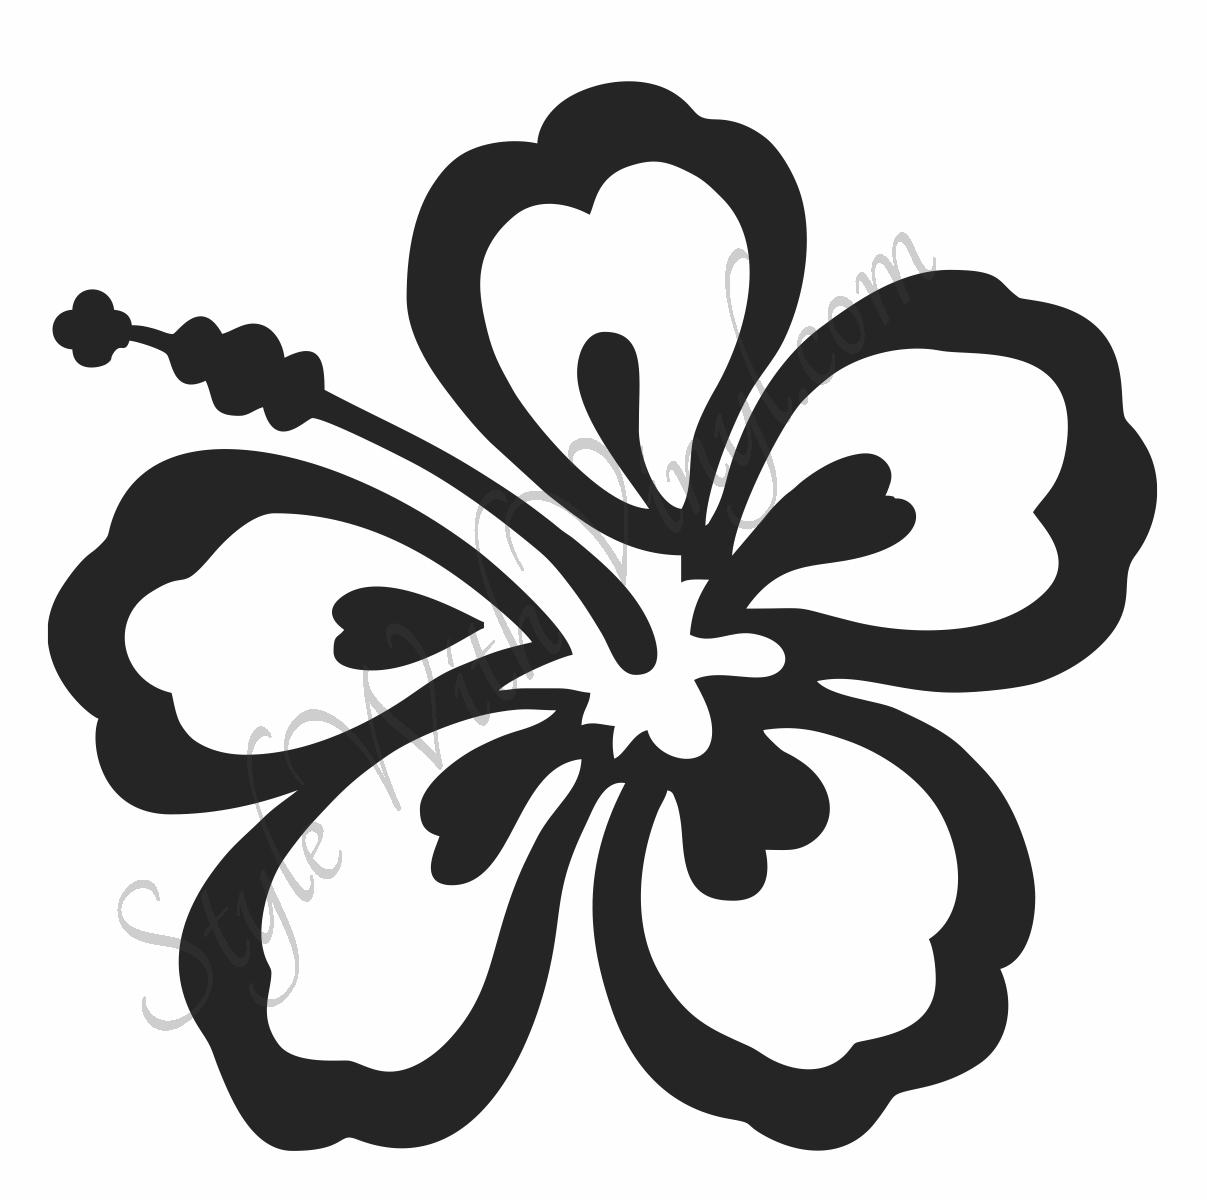 Hawaiian flower drawing free download best hawaiian flower drawing 1207x1202 drawn hibiscus simple izmirmasajfo